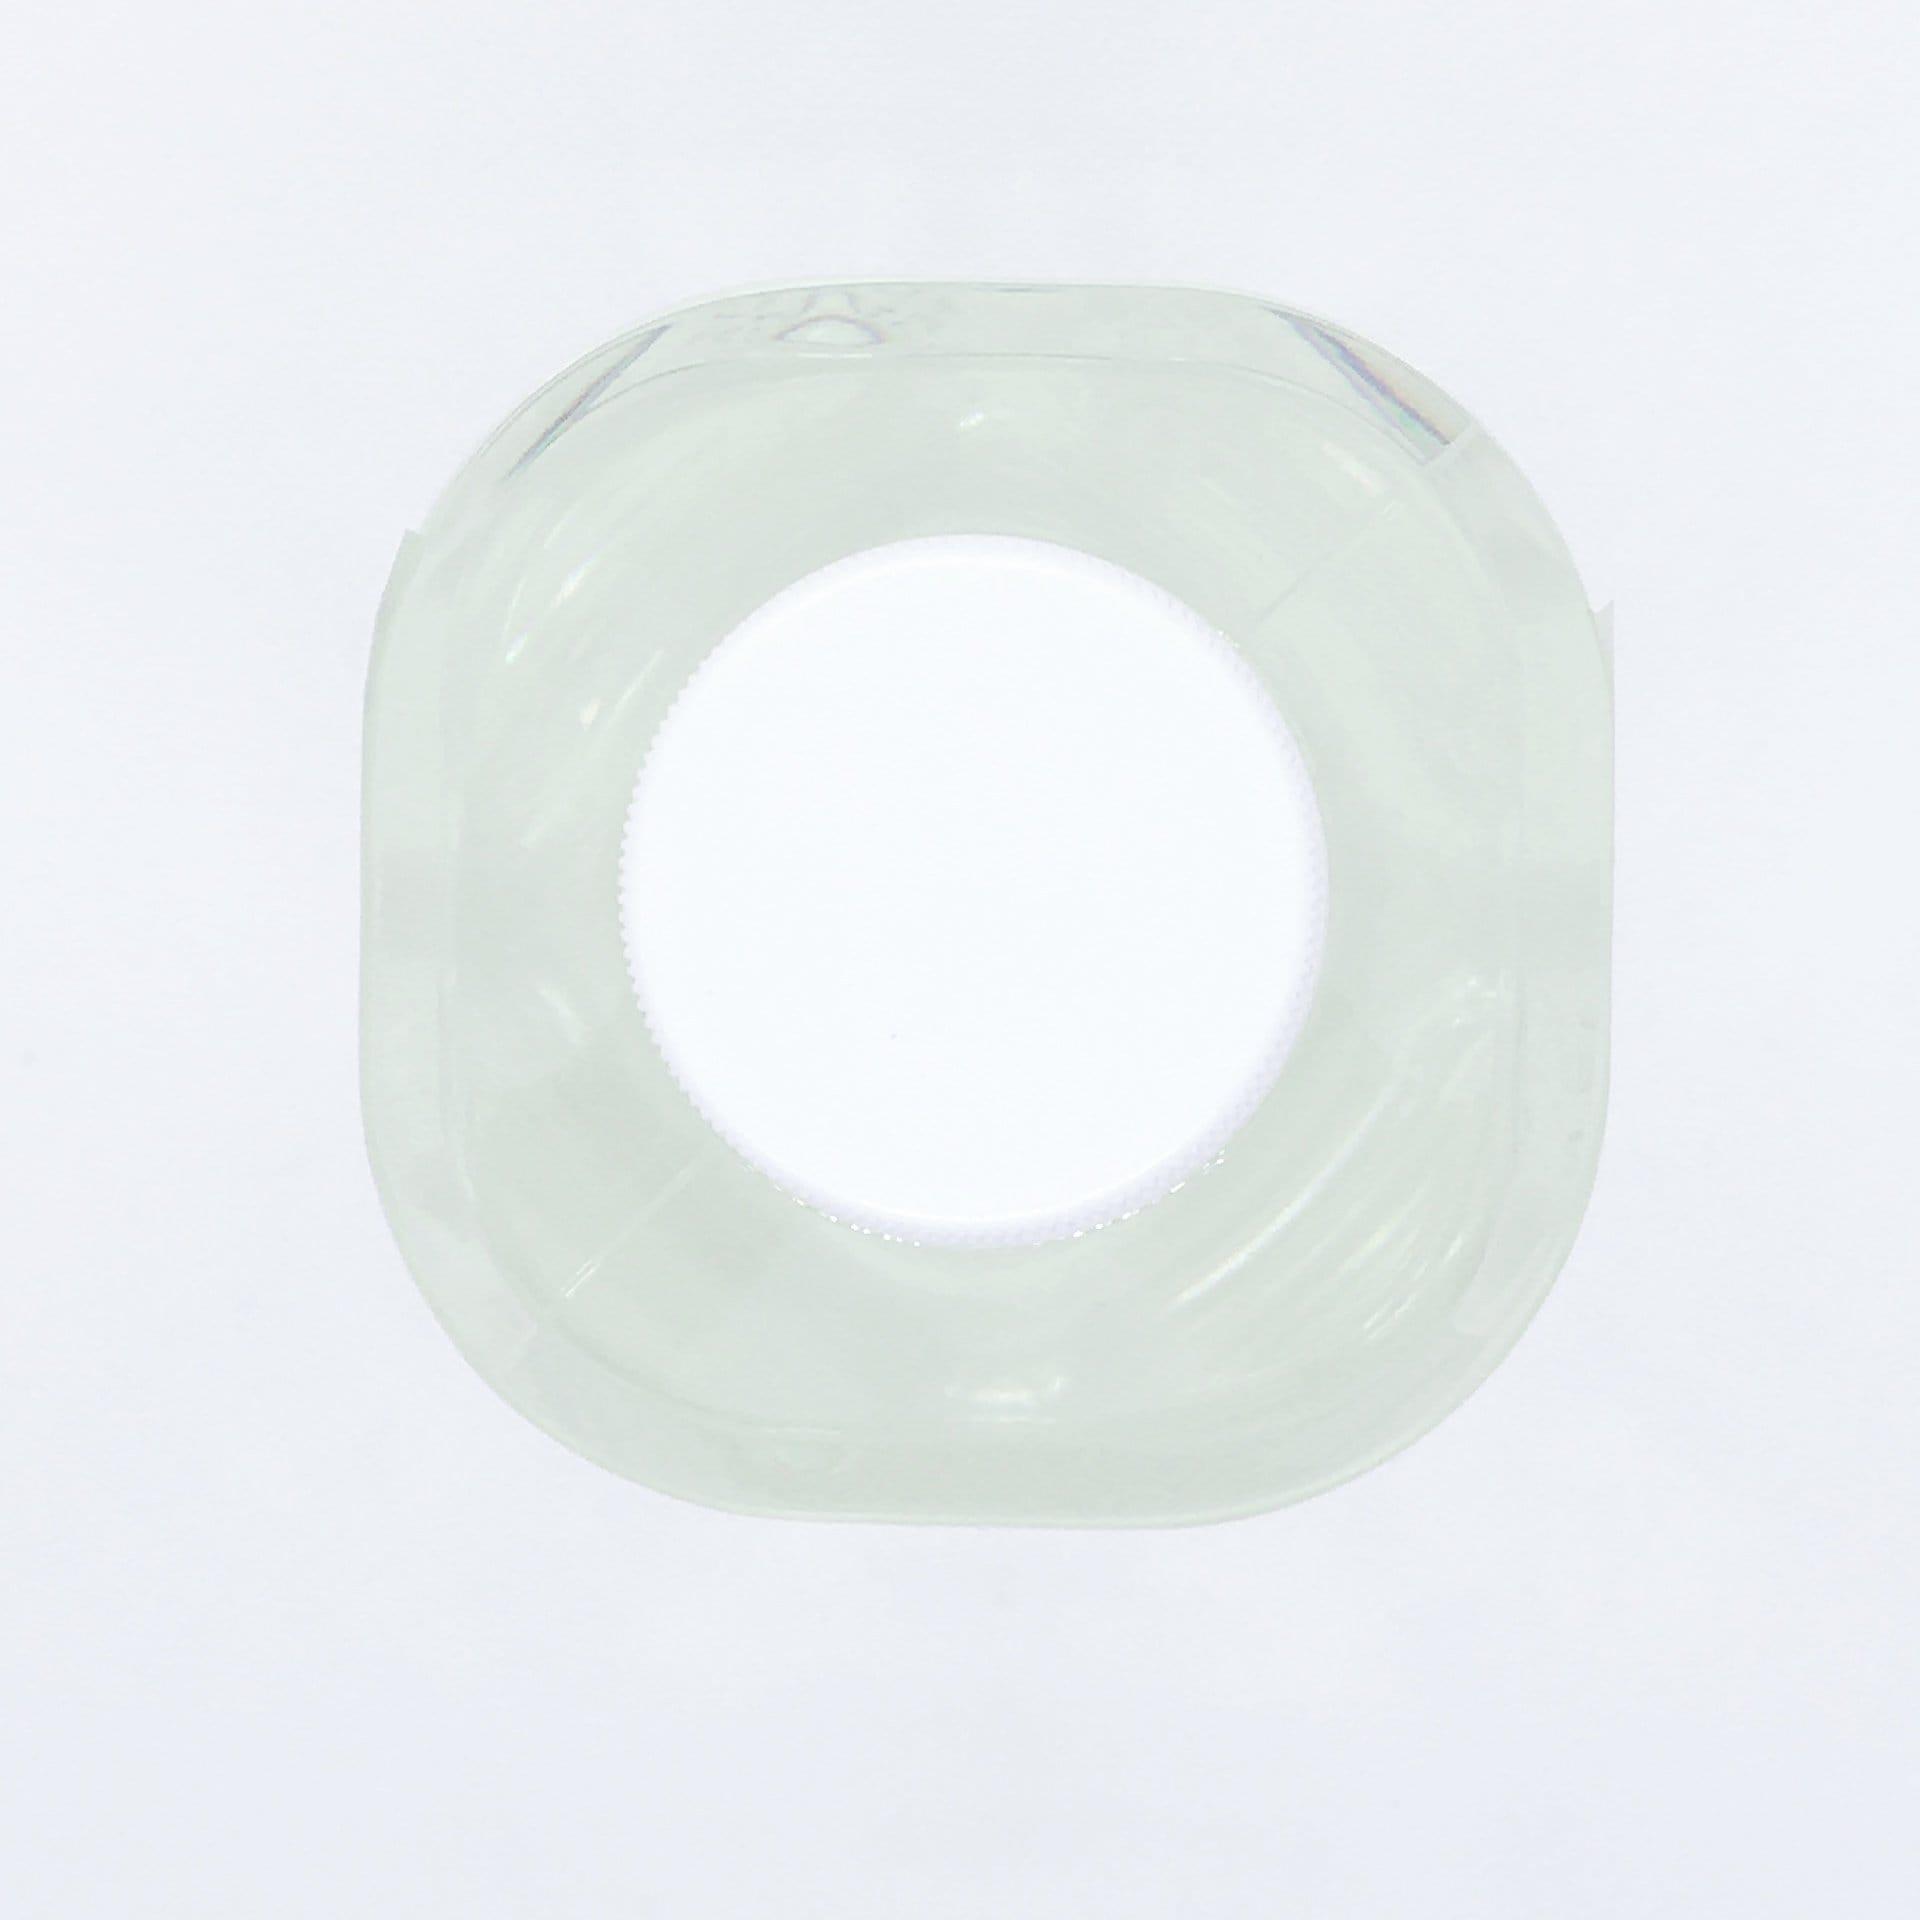 ミネラル 濃縮微量元素ミネラル水 神月乃泉 ★500ml★のイメージその5